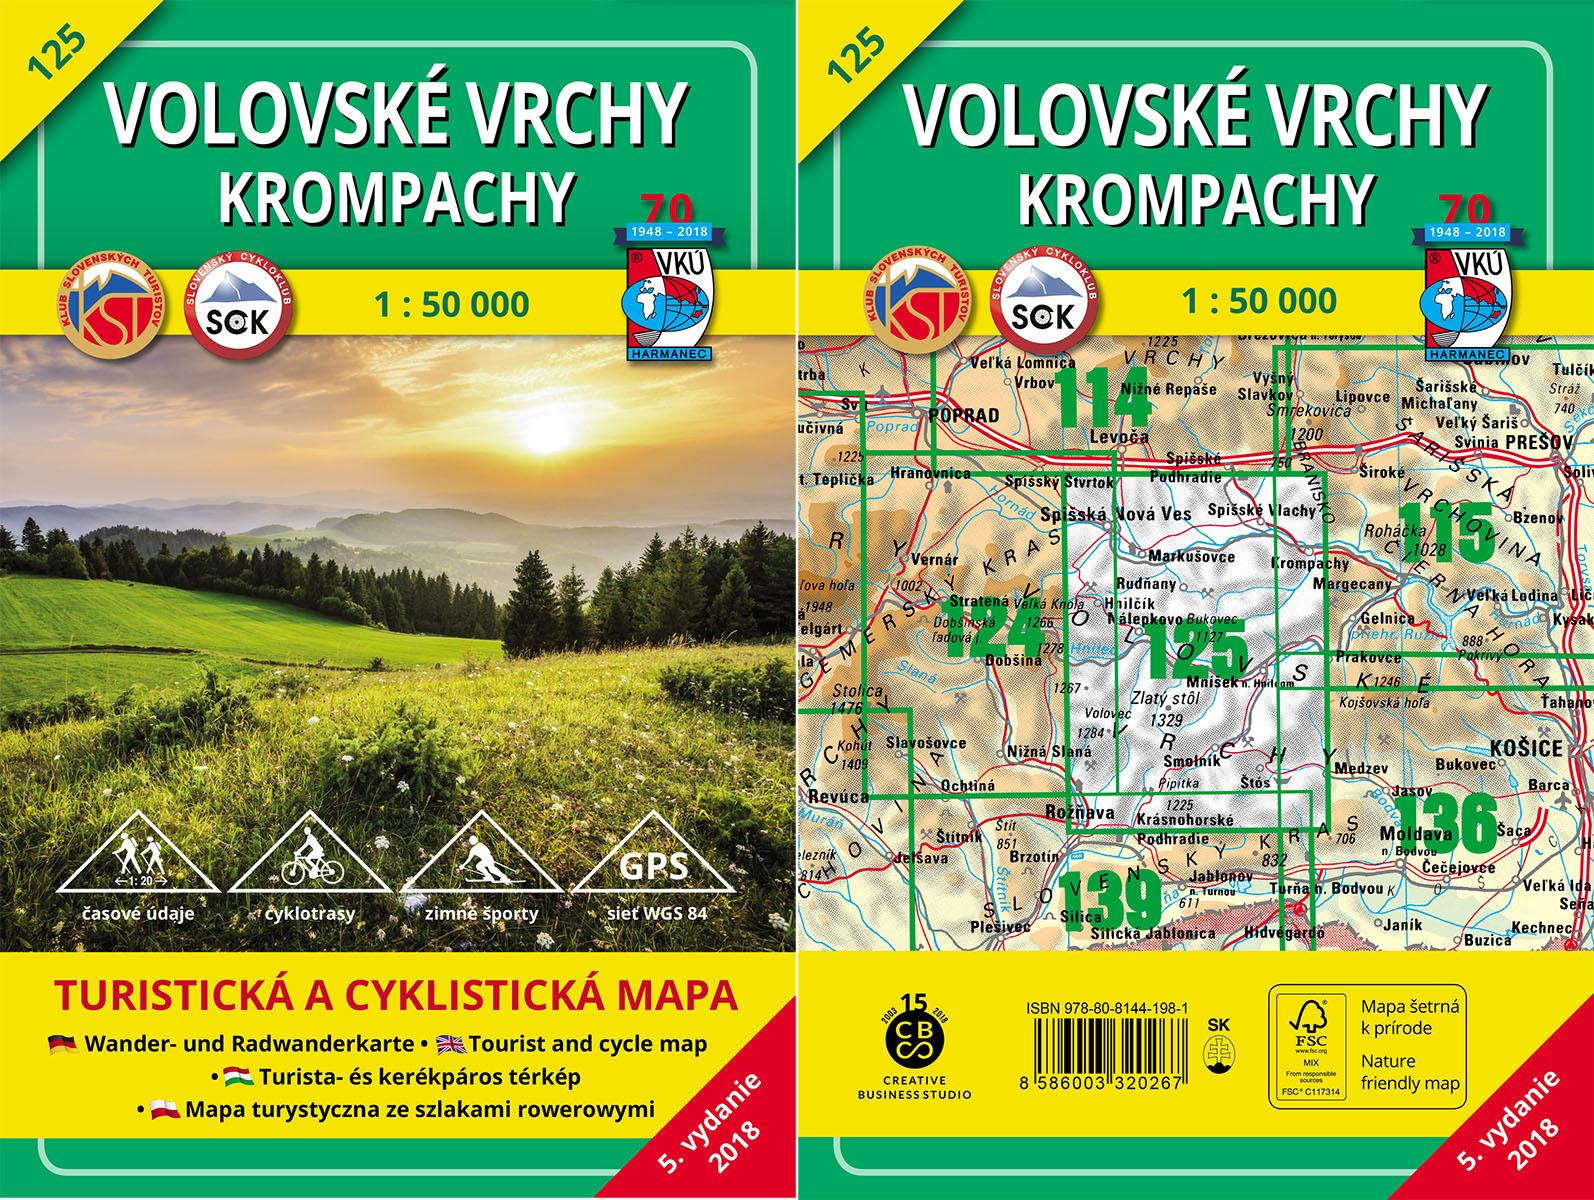 Turistická mapa VKÚ TM 125 – Volovské vrchy – Krompachy je tu!